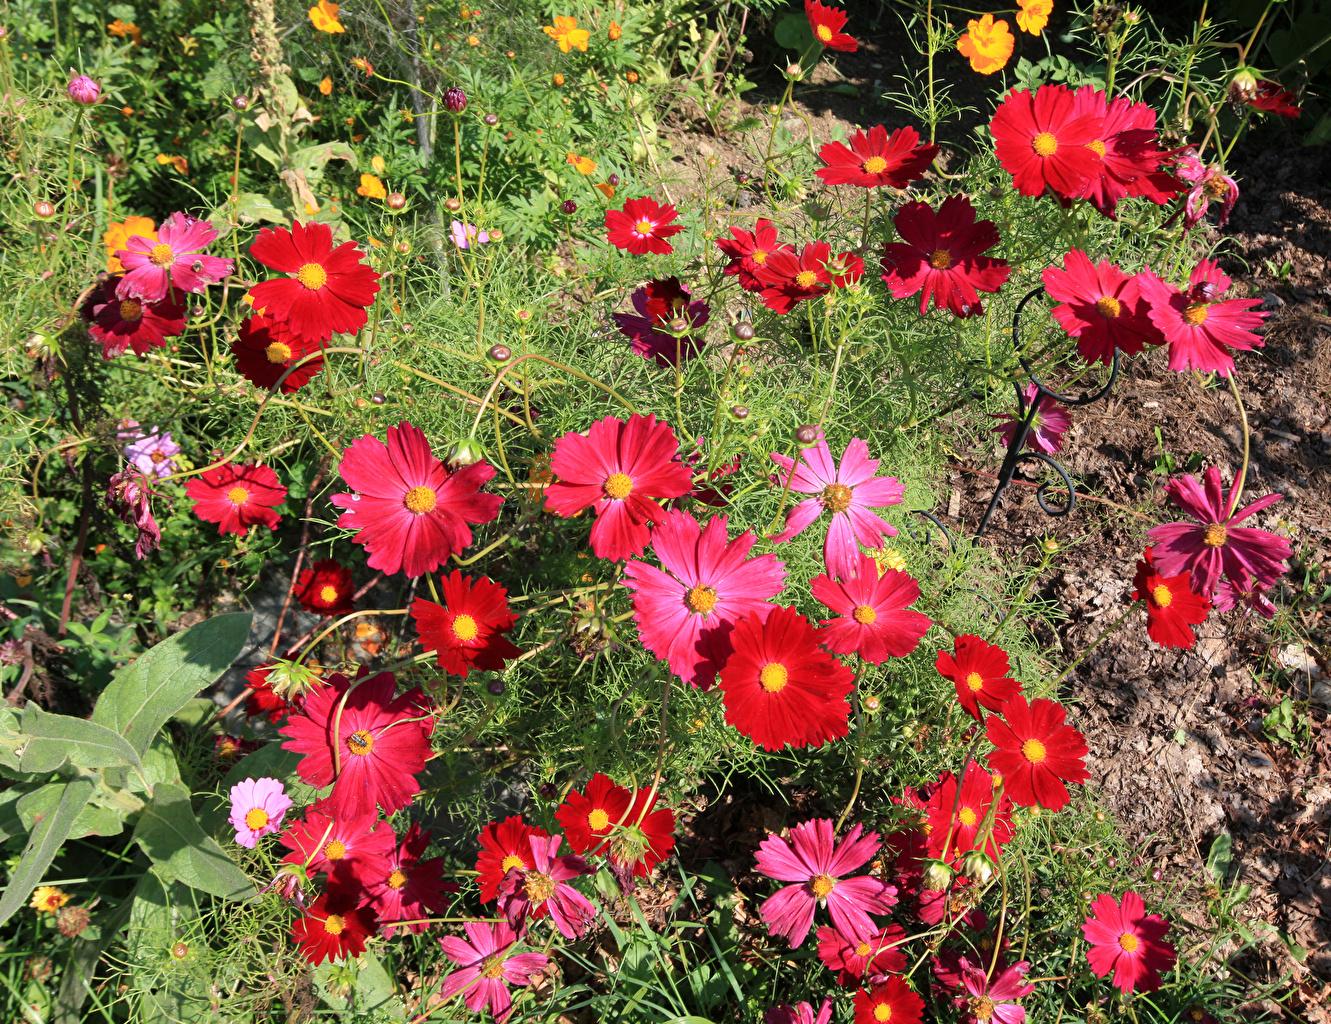 Космея, или Космос цветок: фото, выращивание и уход 25